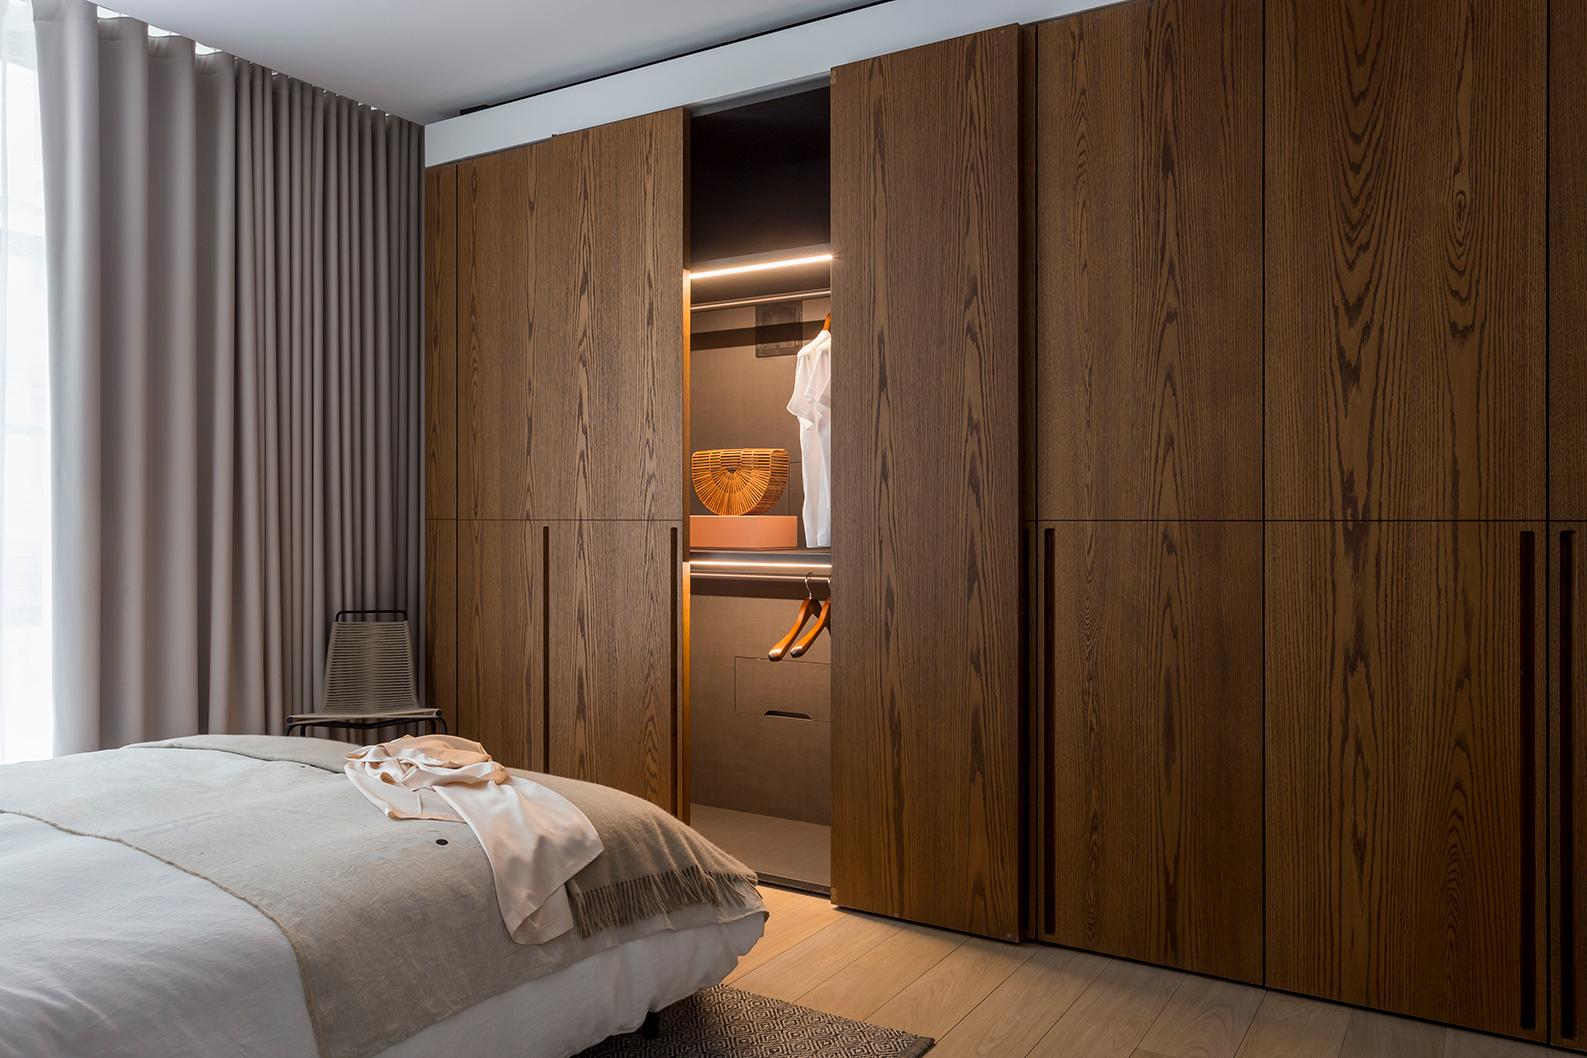 Interior Design Barts Square Askew Building Wardrobe